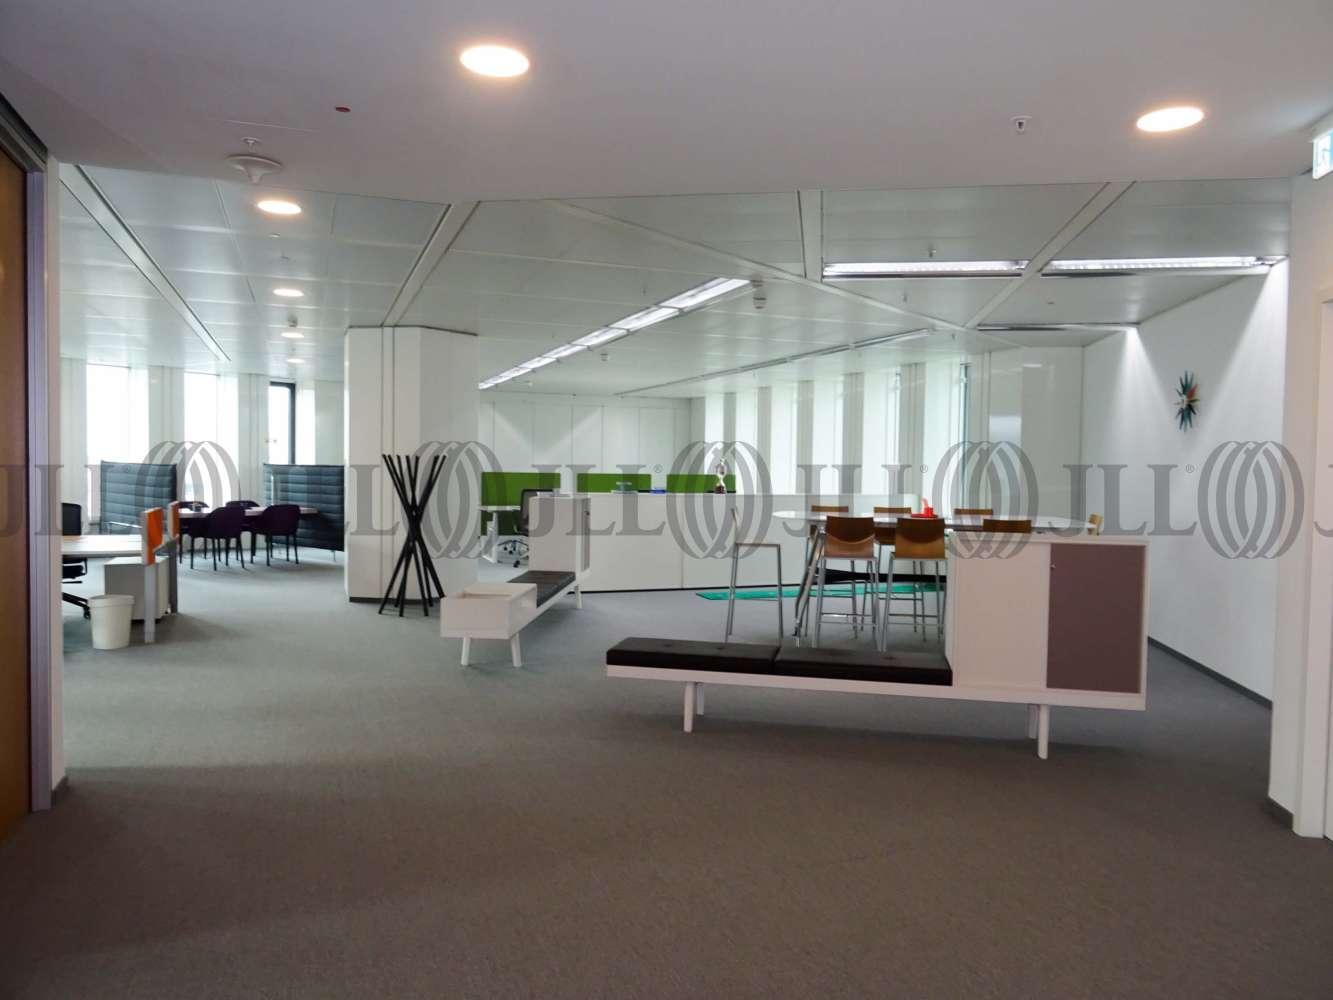 Büros Frankfurt am main, 60325 - Büro - Frankfurt am Main, Innenstadt - D0002 - 10054209